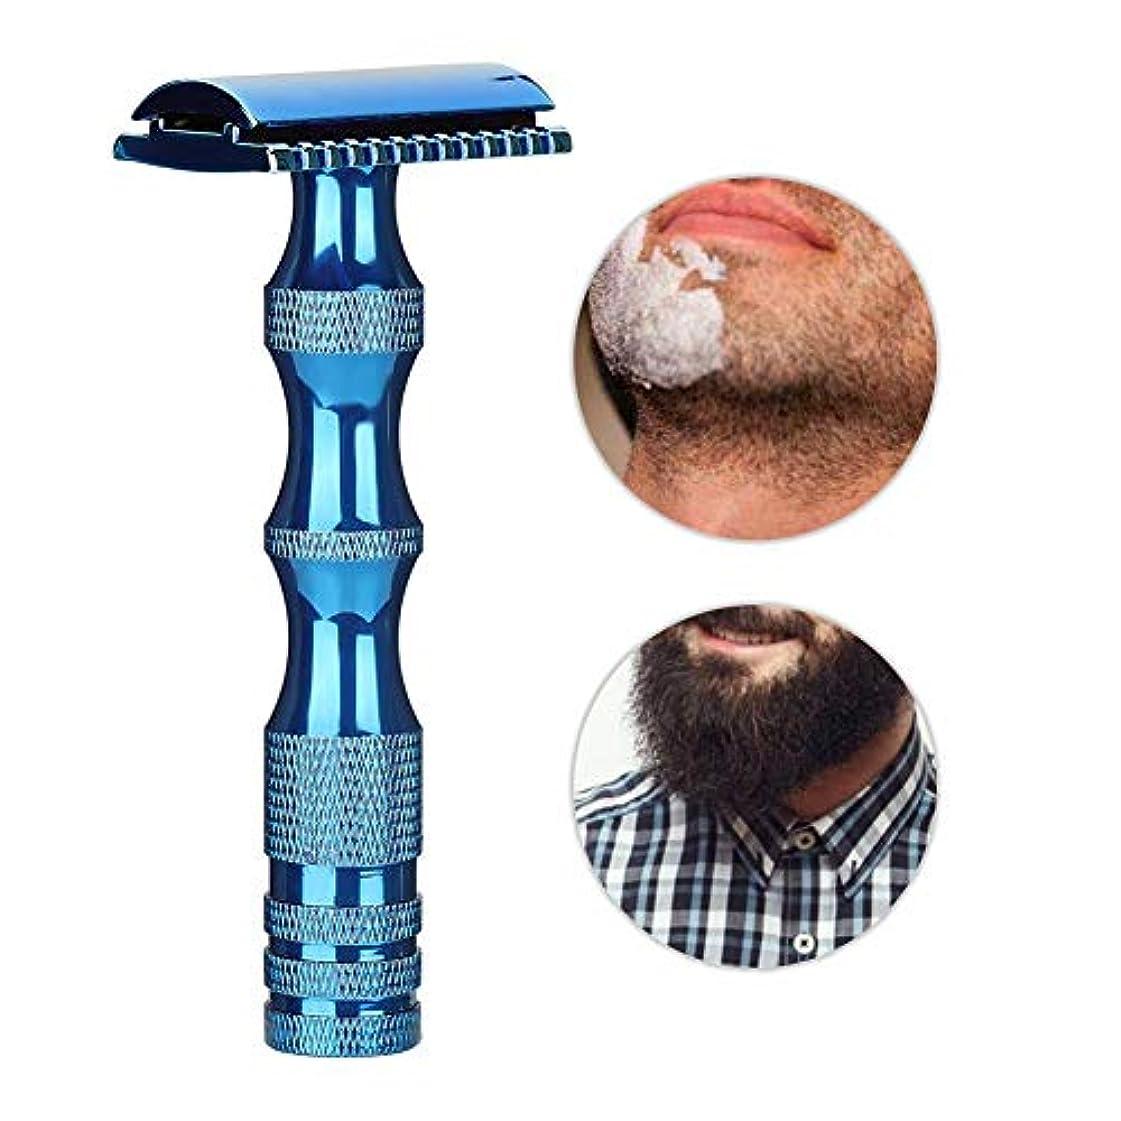 浸食類似性出費安全剃刀、クラシックメンズ滑り止めメタルハンドルデュアルエッジシェーバーヴィンテージスタイルメンズ安全剃刀、スムーズで快適な髭剃り(Blue)